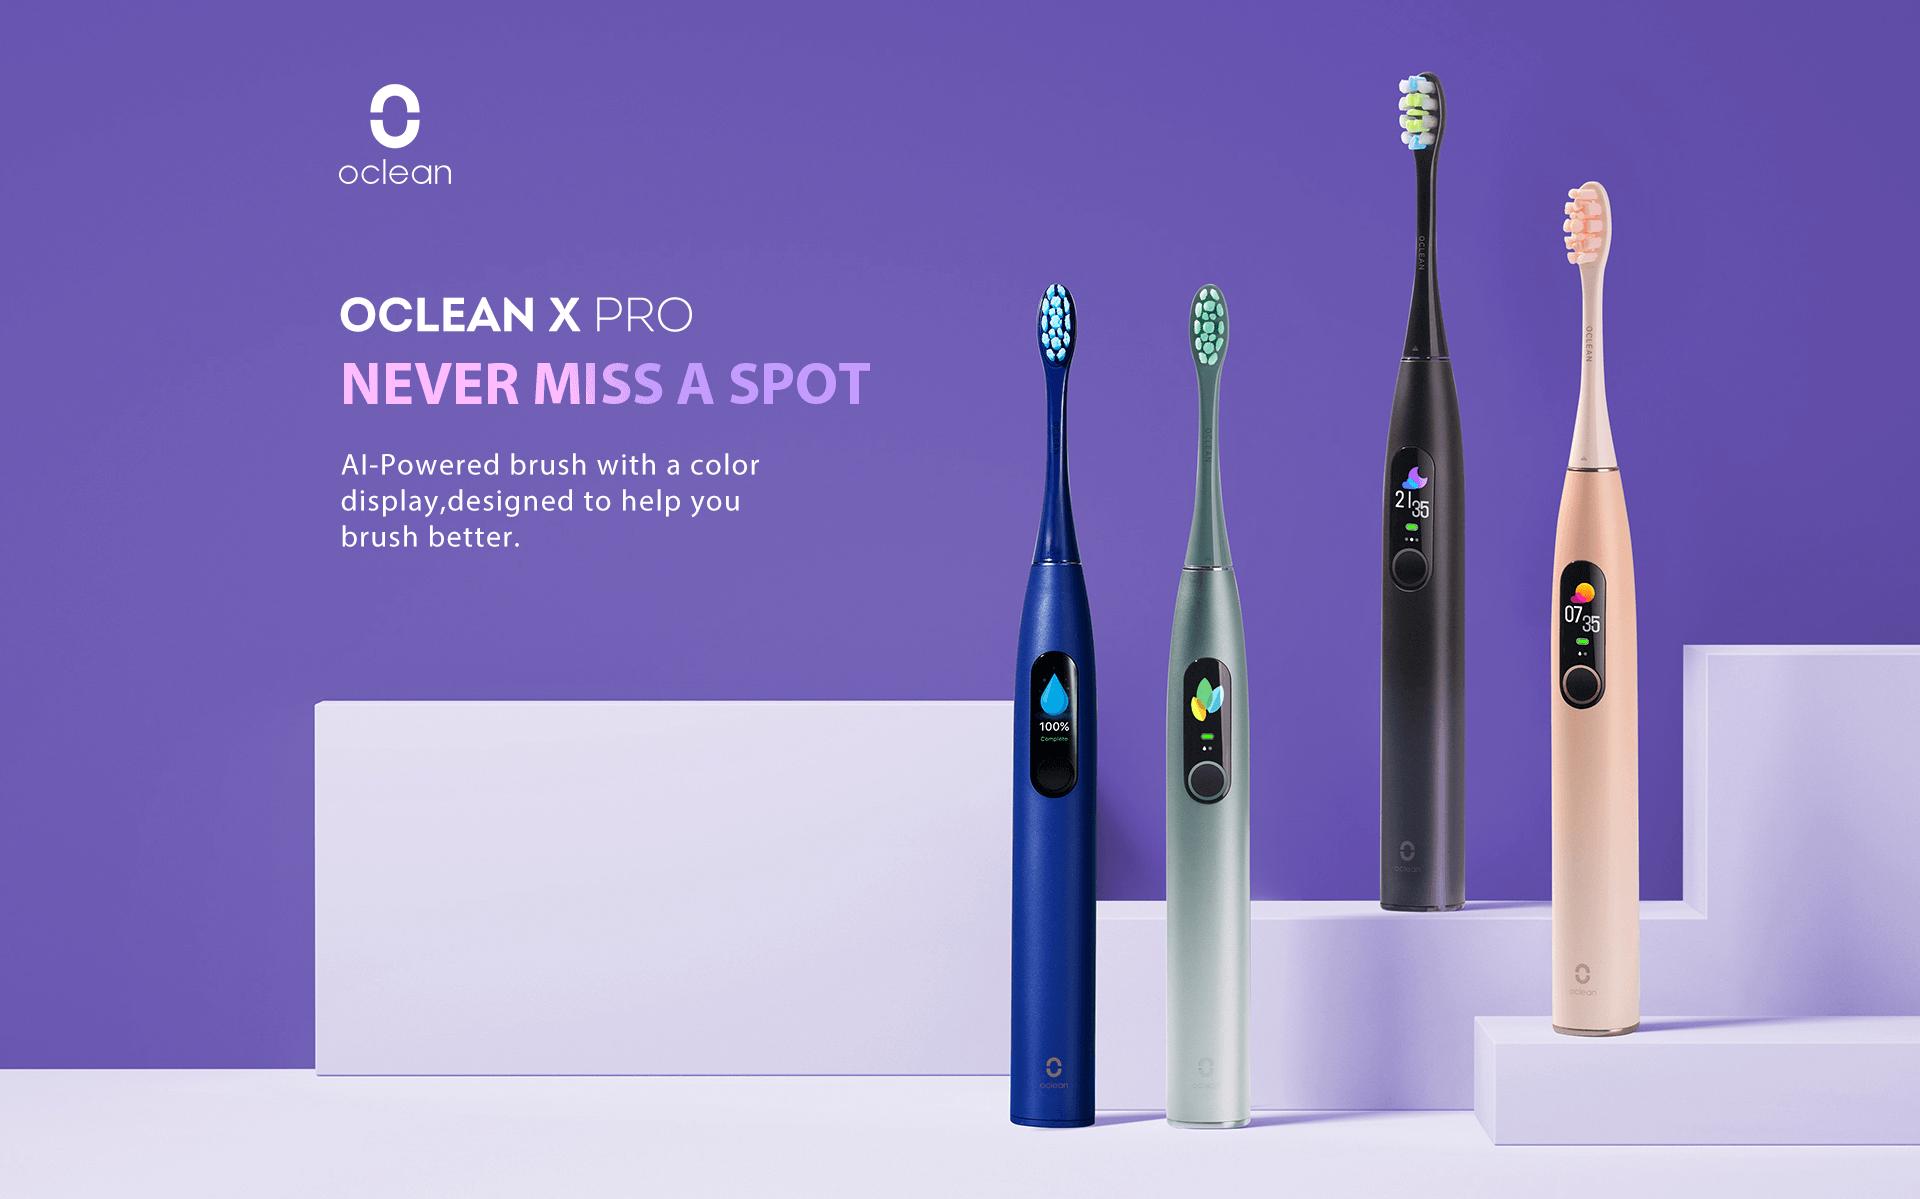 elektrische Zahnbürsten von Oclean